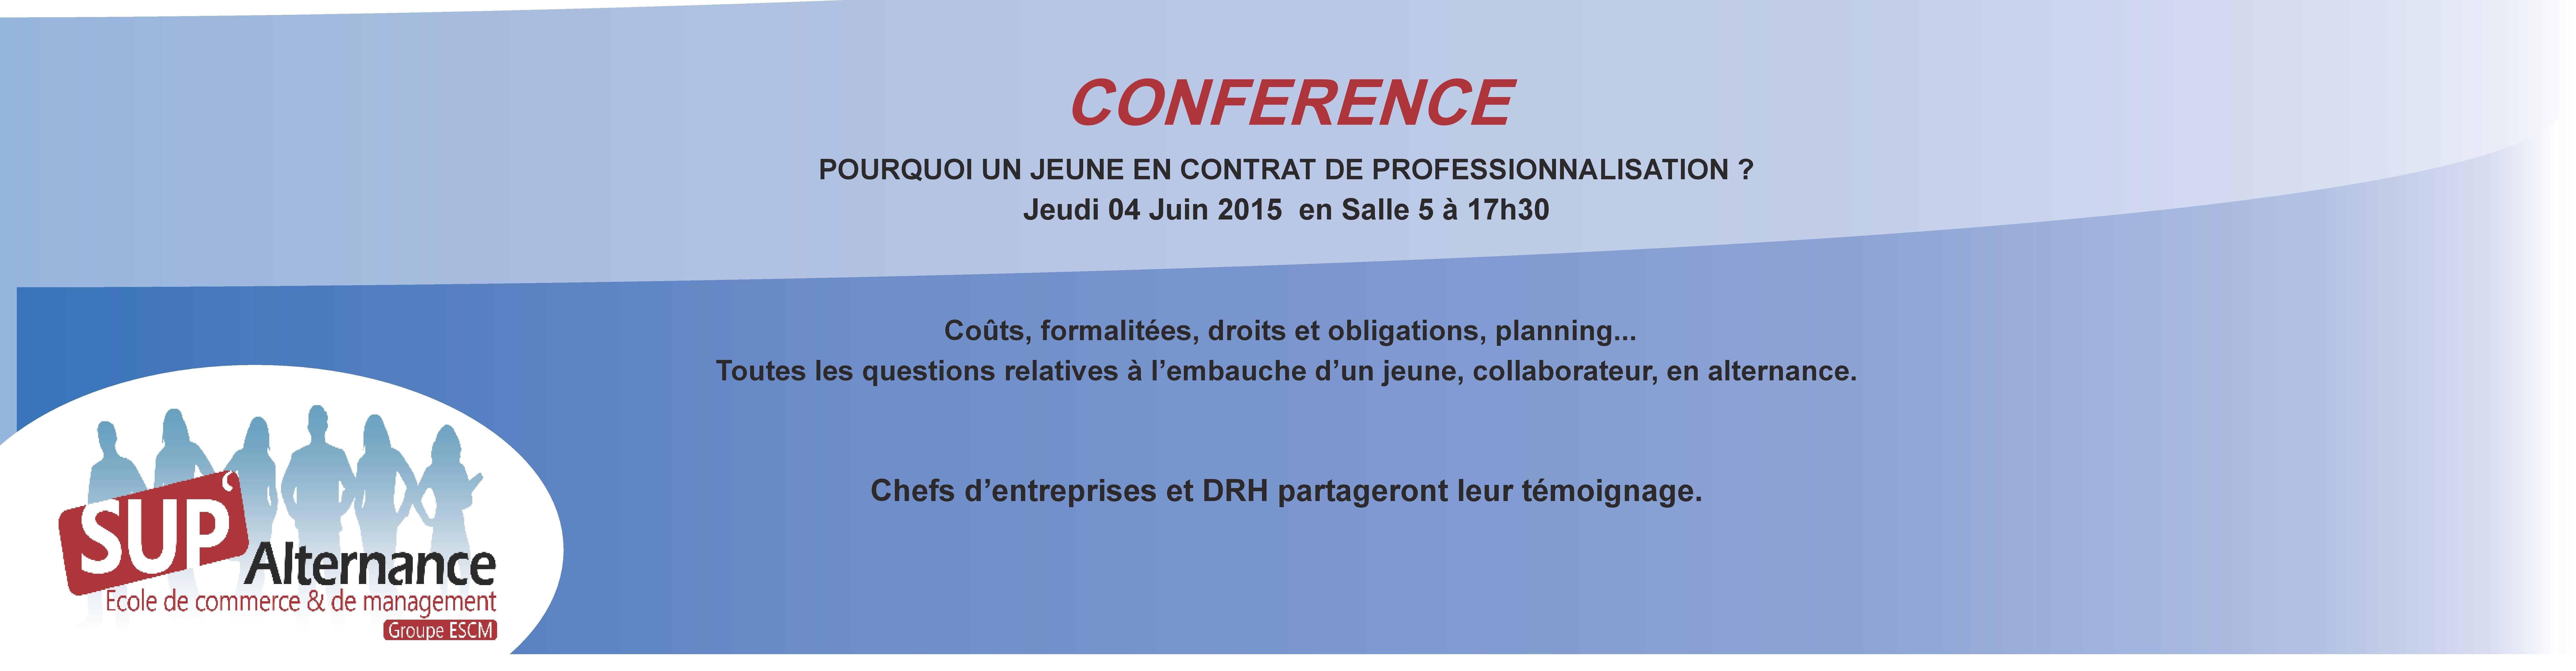 Conférence d'information sur l'alternance